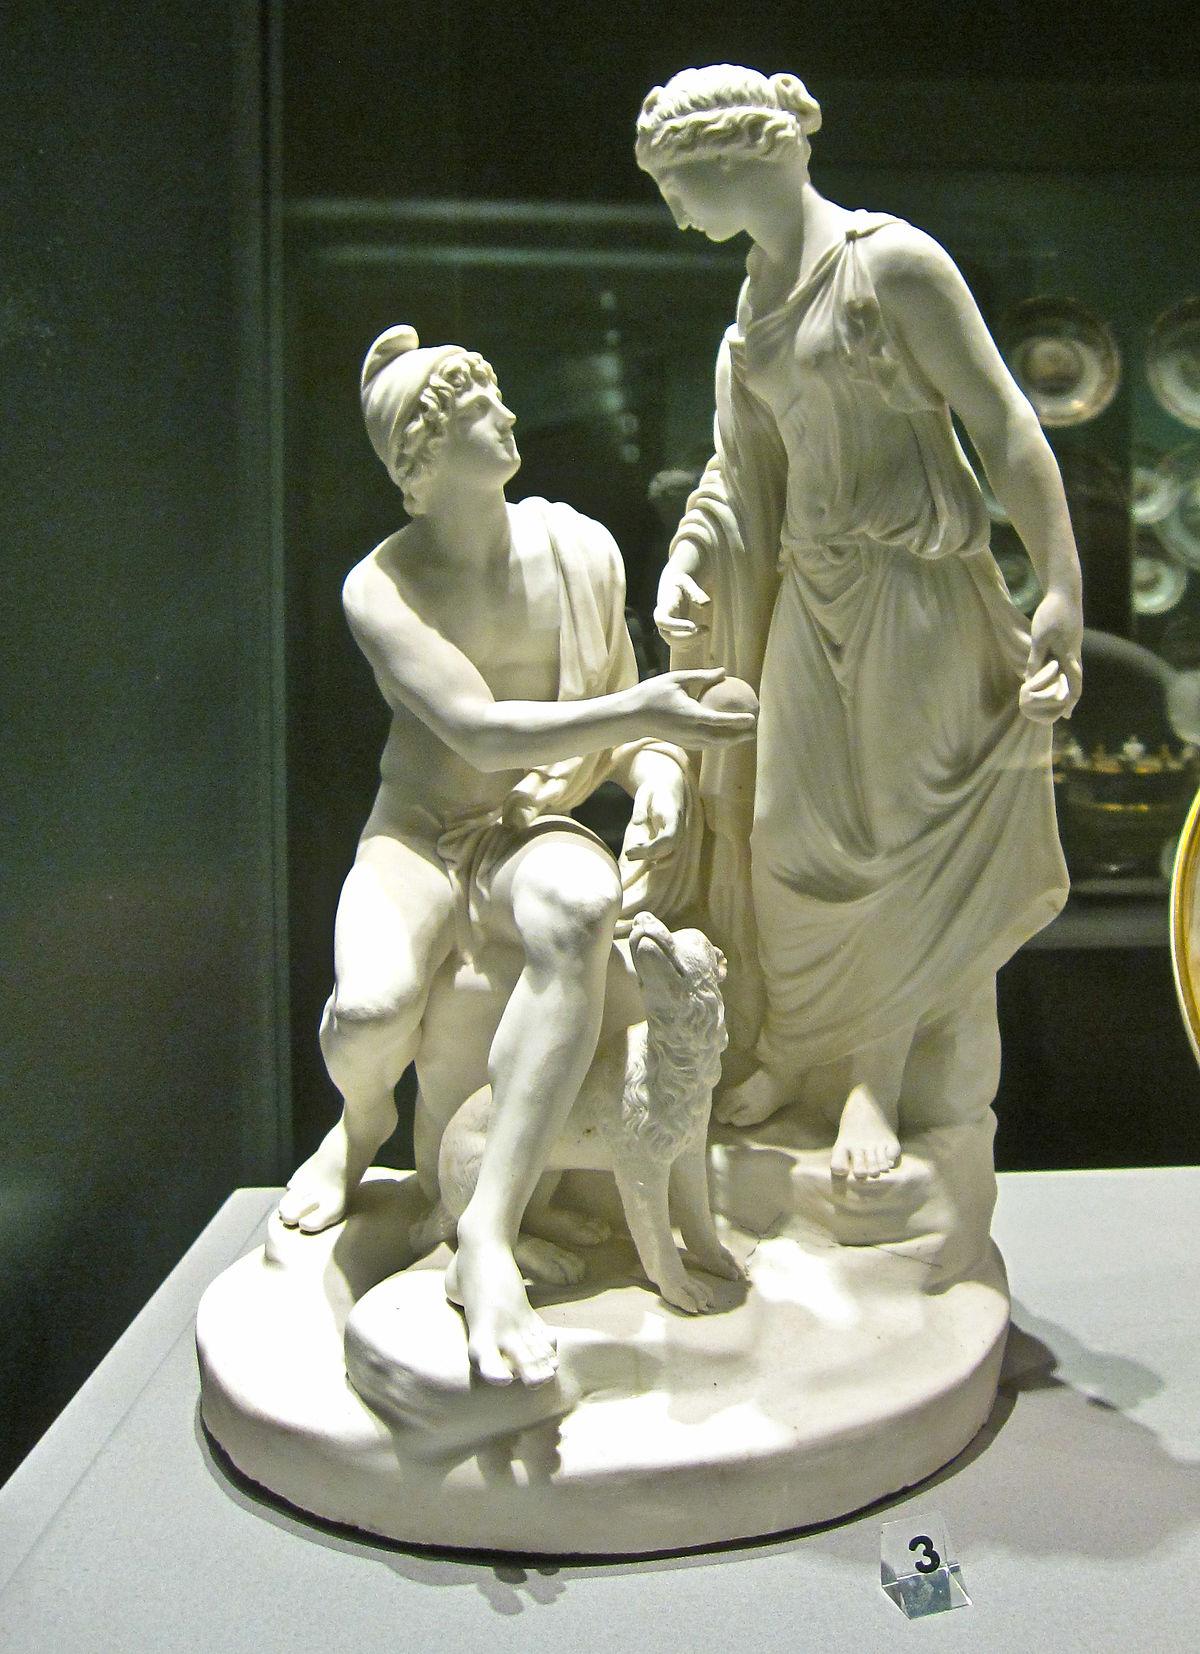 Porcellana wikipedia for Marchi porcellane austriache